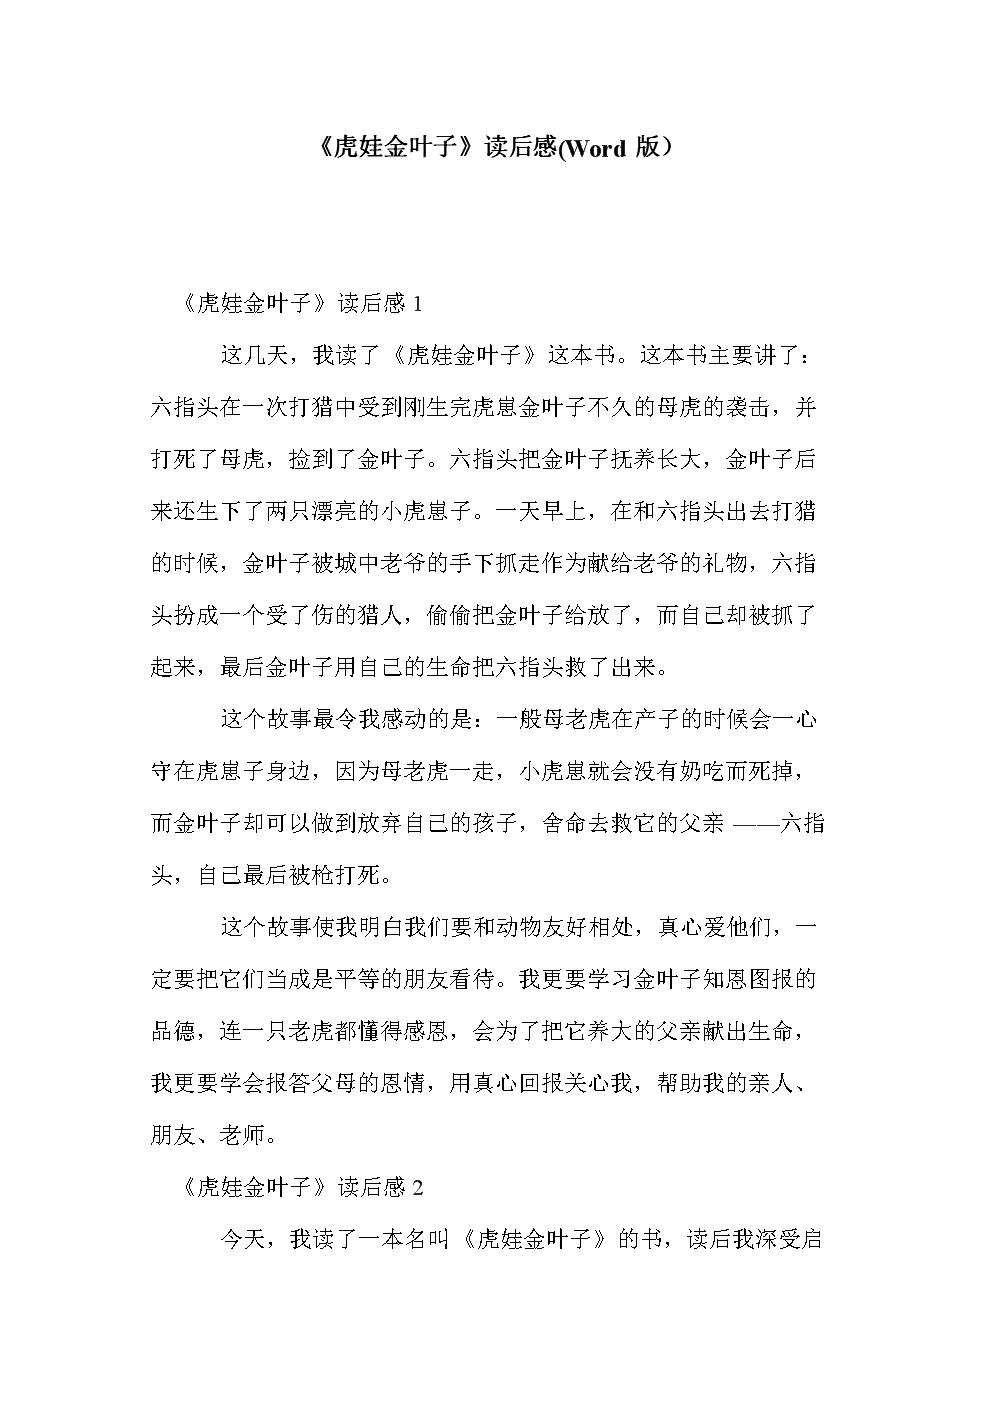 《虎娃金叶子》读后感(Word版).doc